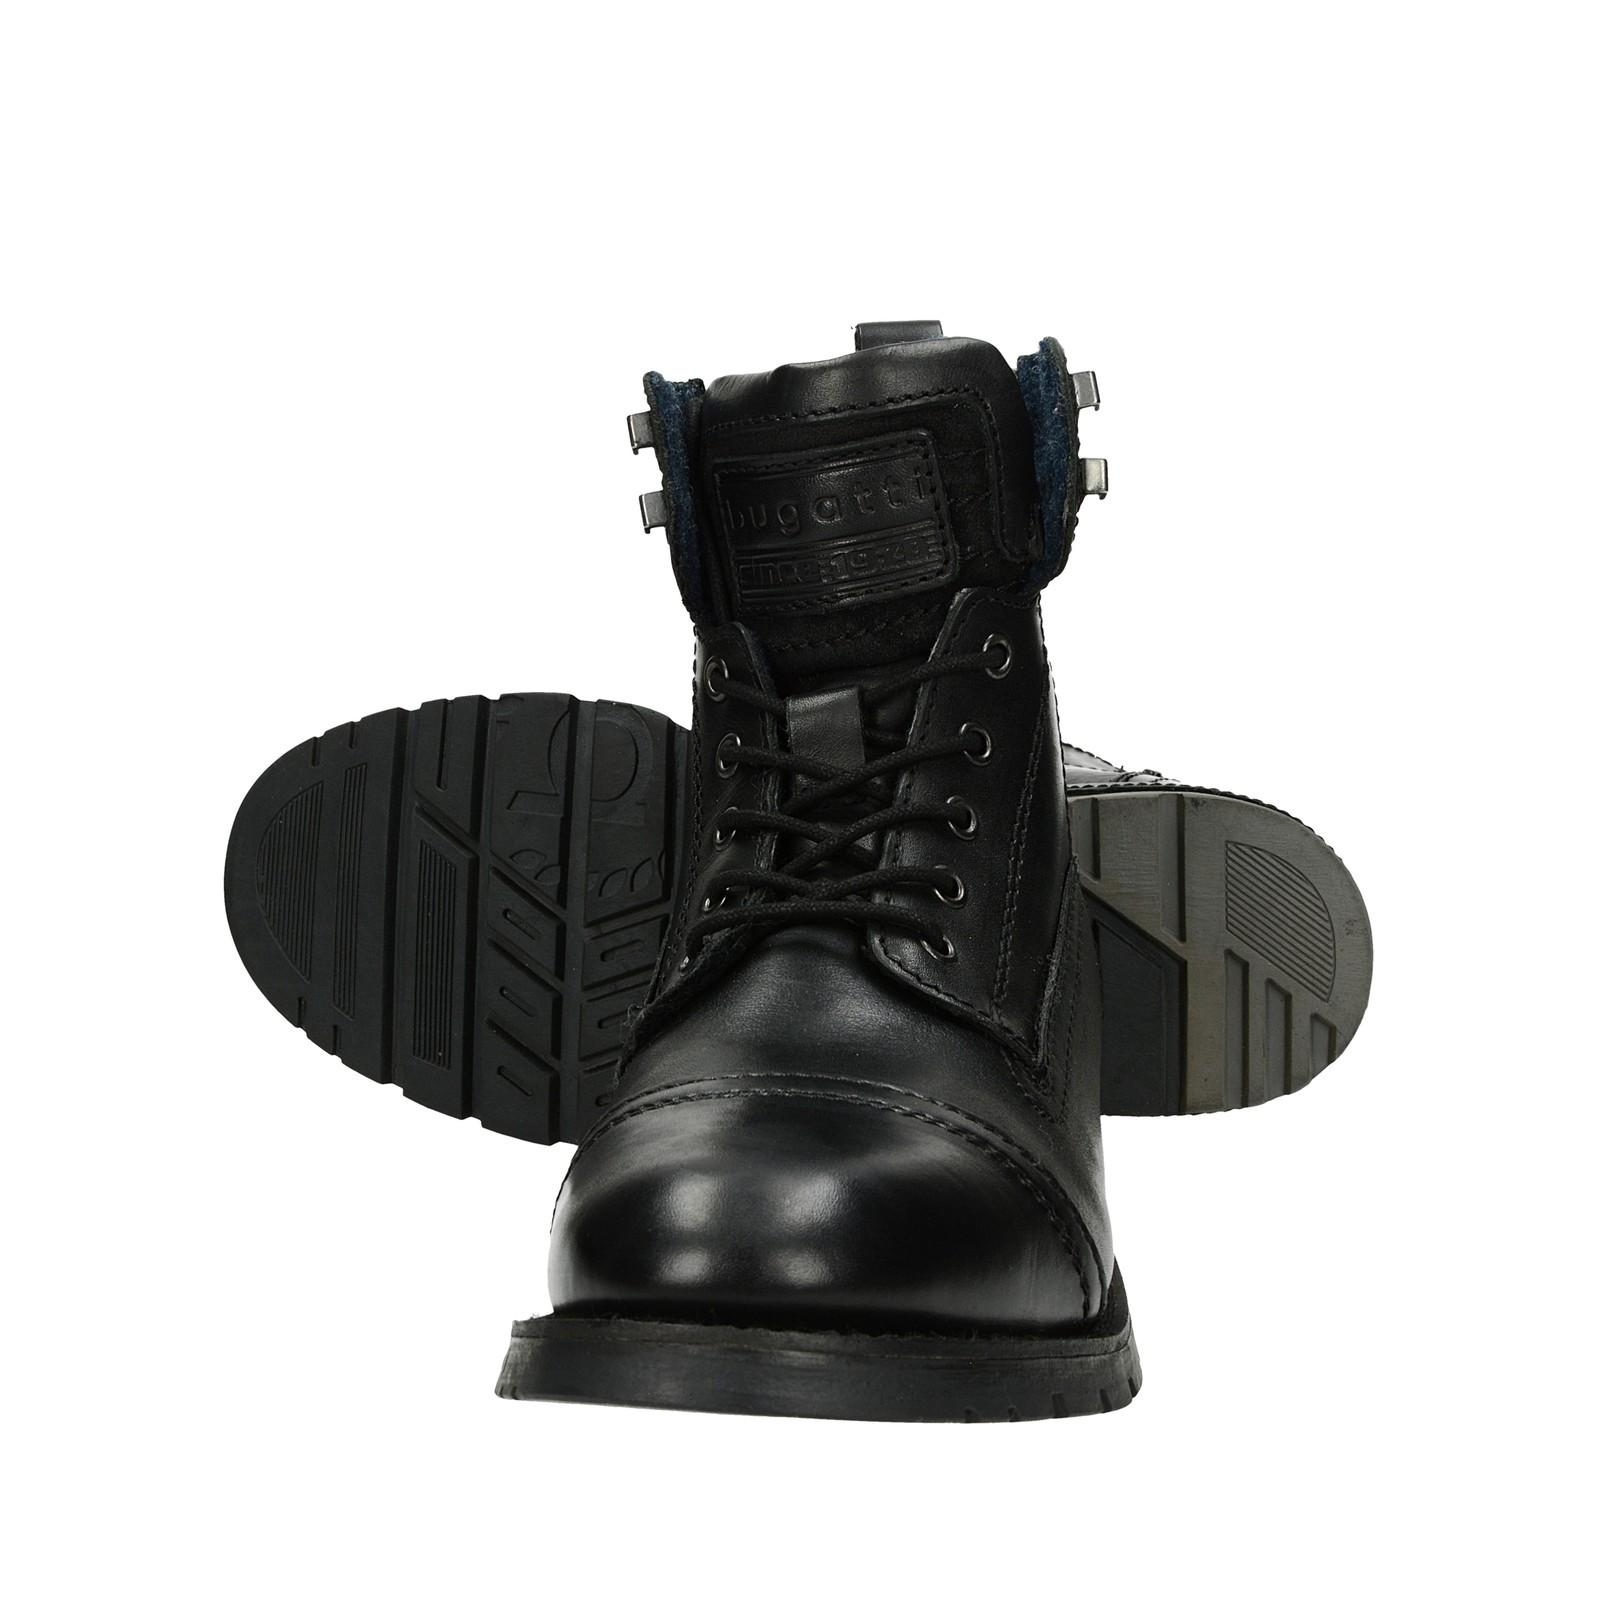 9d2967e403bec Bugatti pánska štýlová členková obuv - čierna | 321-61131-1200-1000 ...